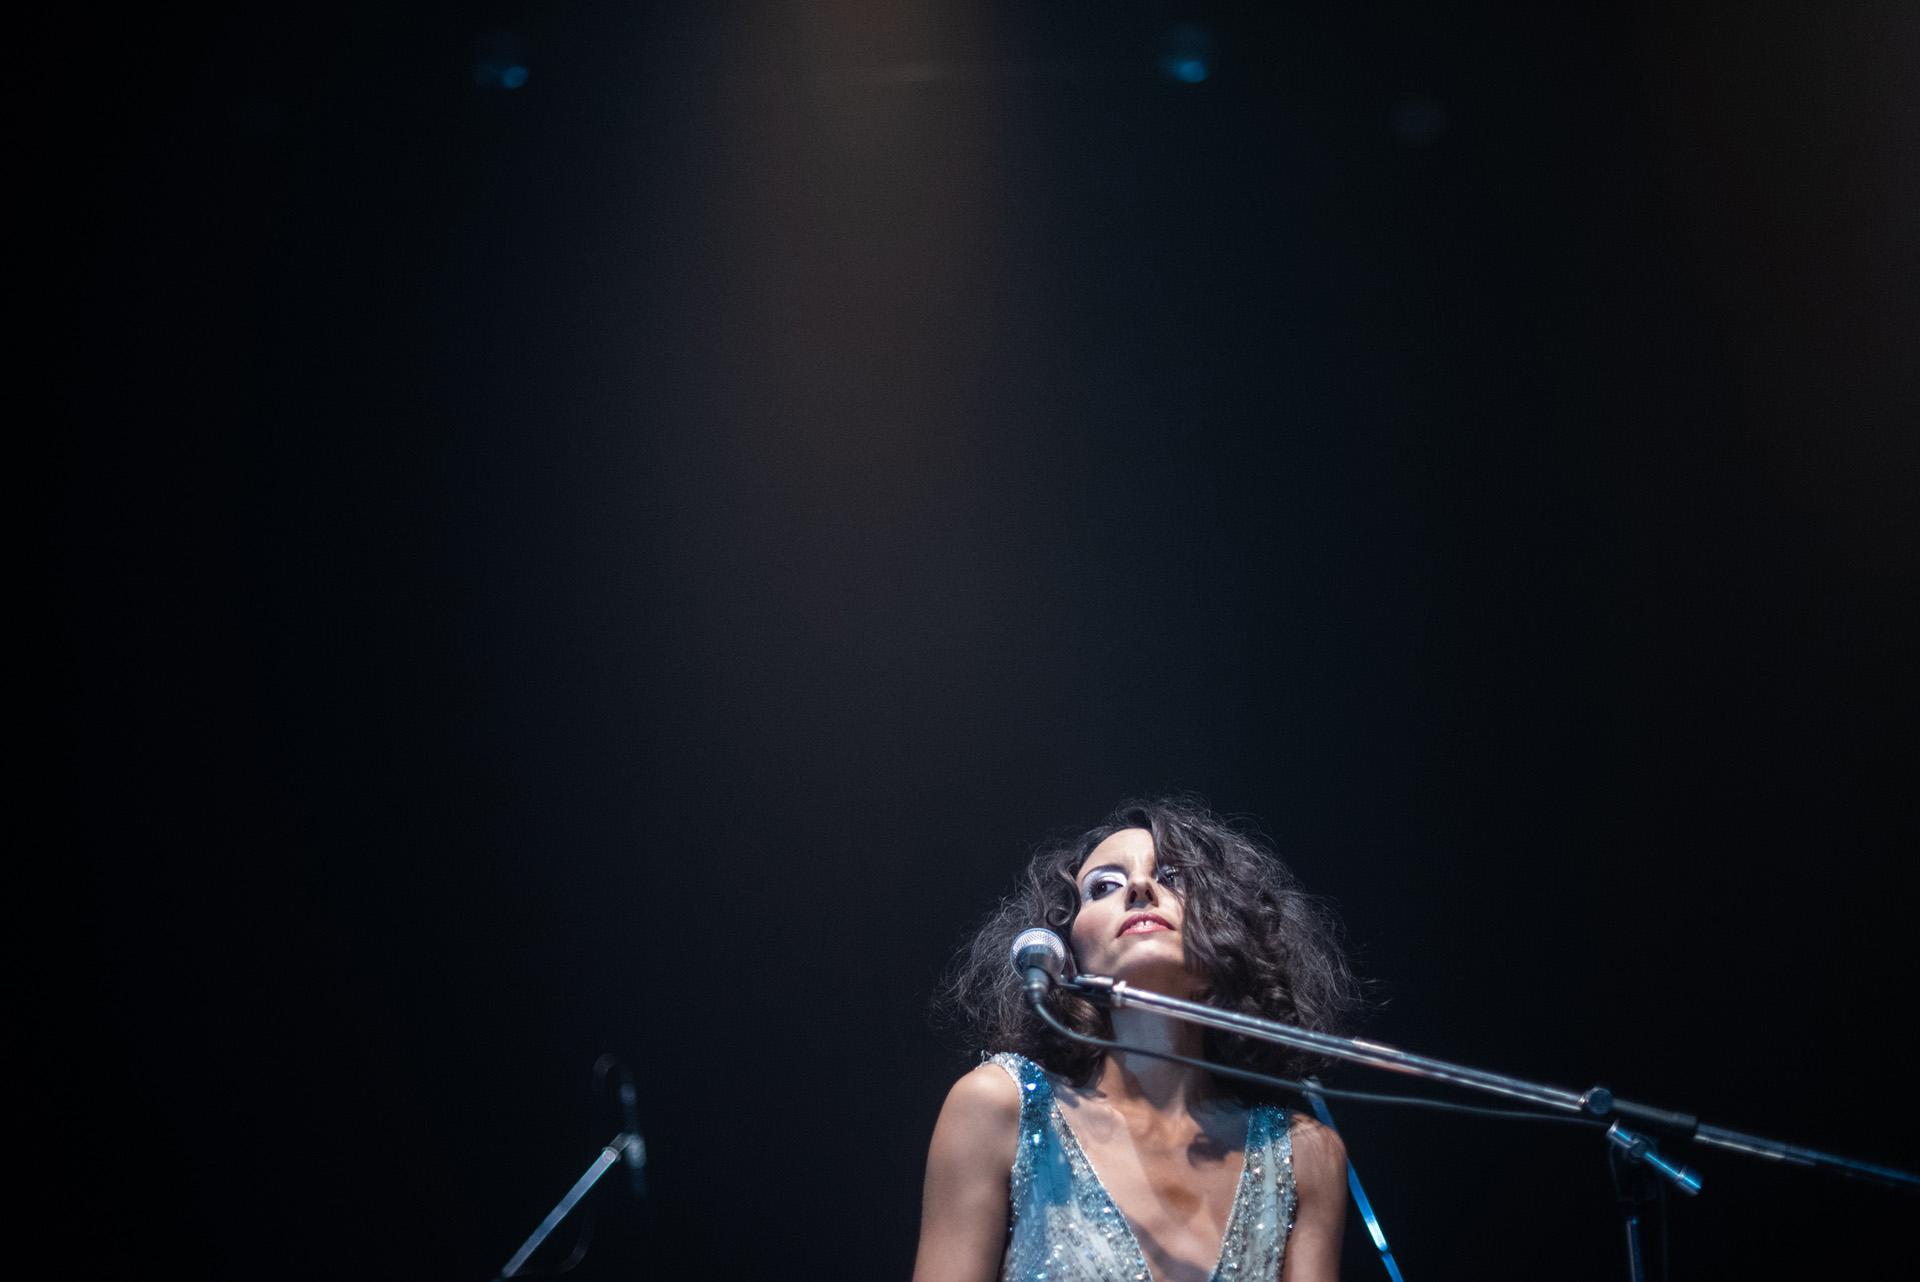 Su voz y su música recuerdan a artistas como Tori Amos y Kate Bush por su originalidad, expresividad y en especial su autenticidad artística